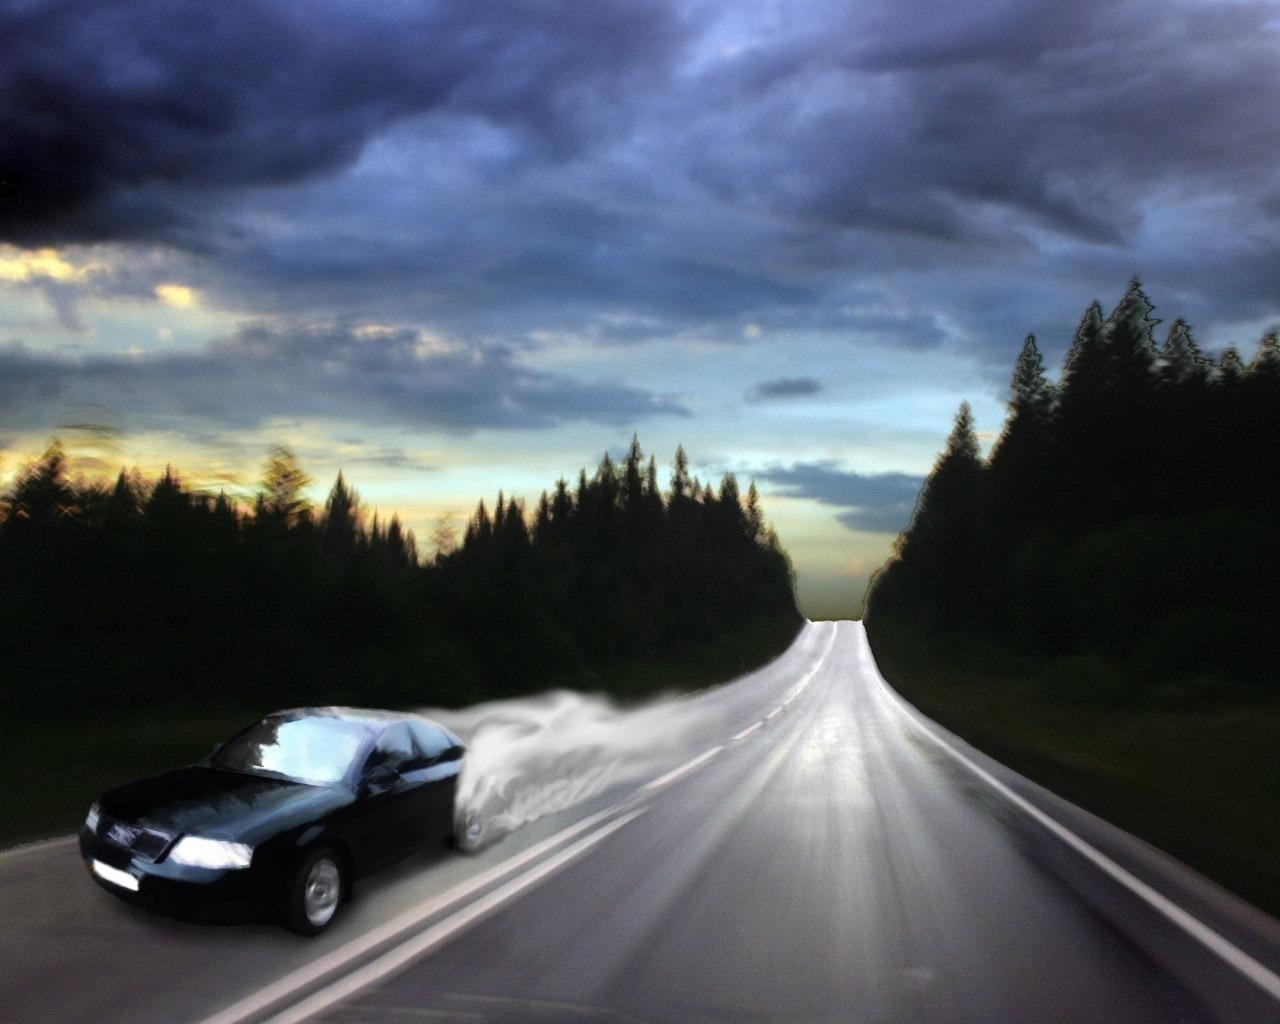 Ночное шоссе с рассыпающейся разметкой ведет в никуда.  Сбитый машиной лисенок не вызывает жалости.